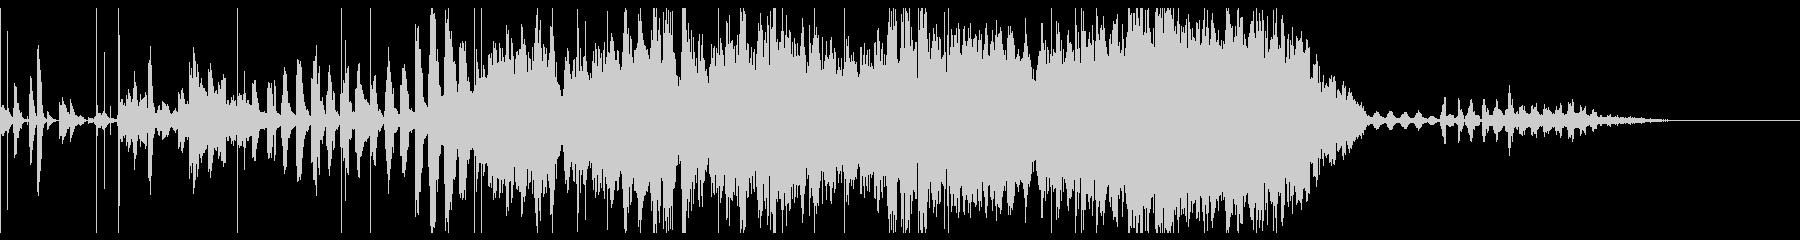 フーガの古典的な原理に基づいた合唱...の未再生の波形